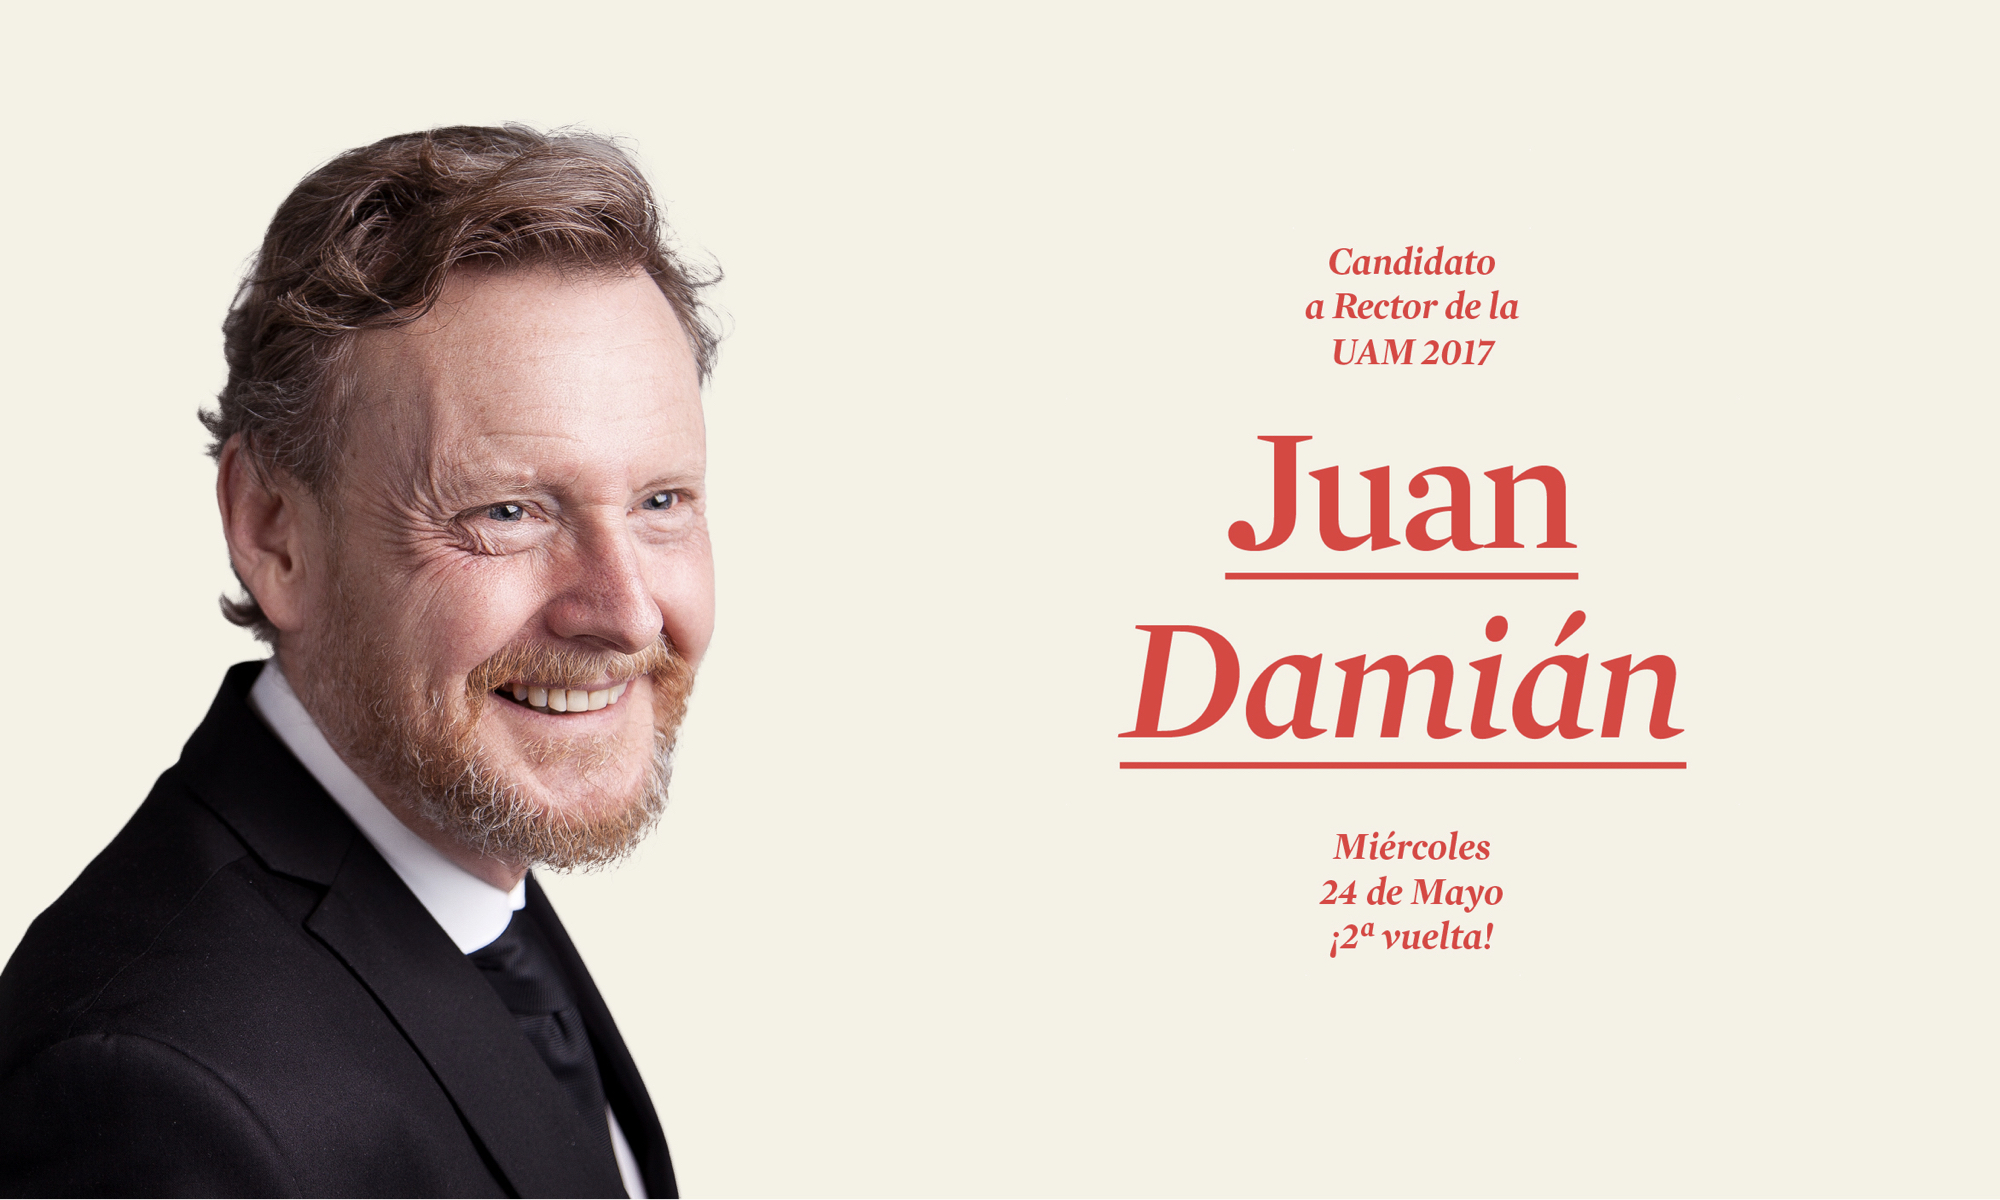 Juan Damián